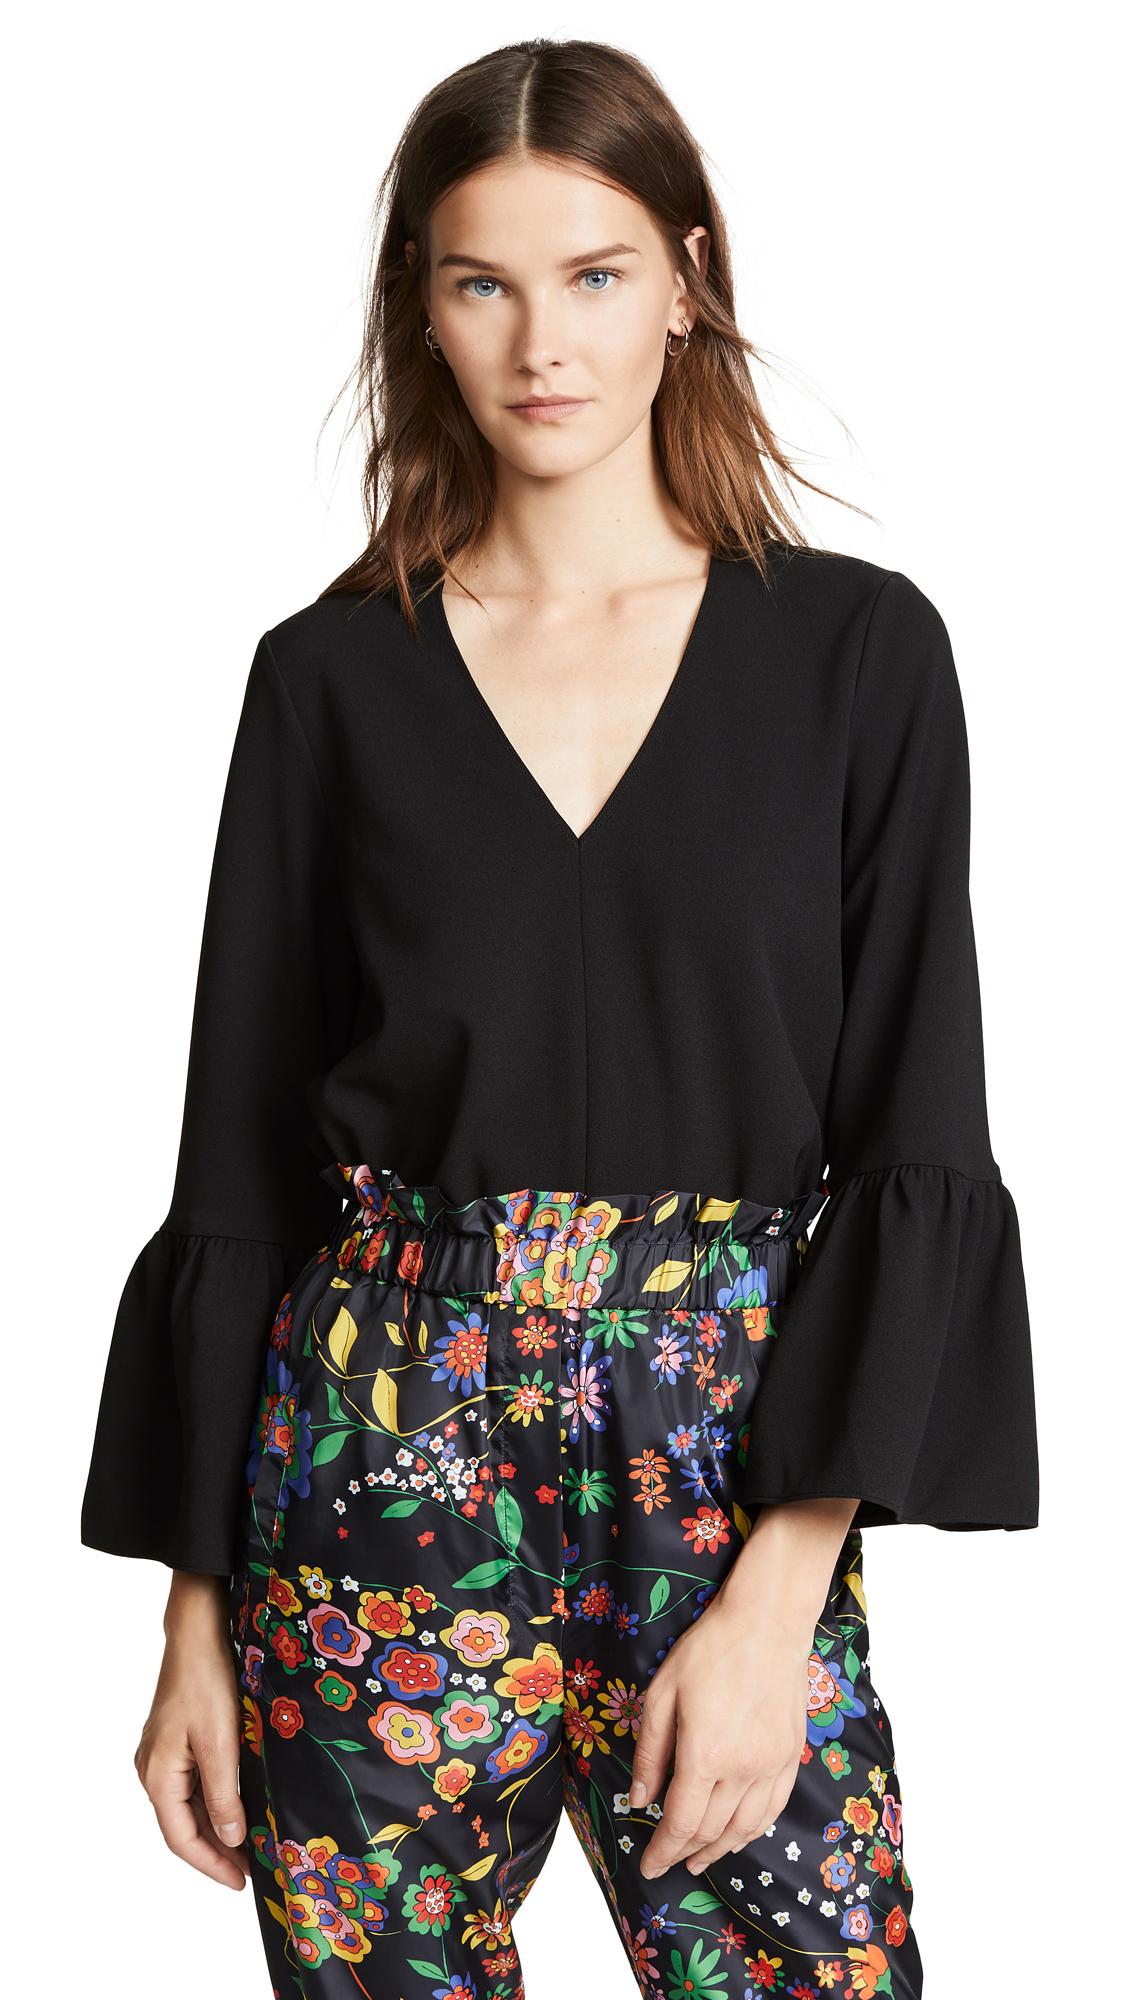 Tibi Ruffle Sleeve Top In Black